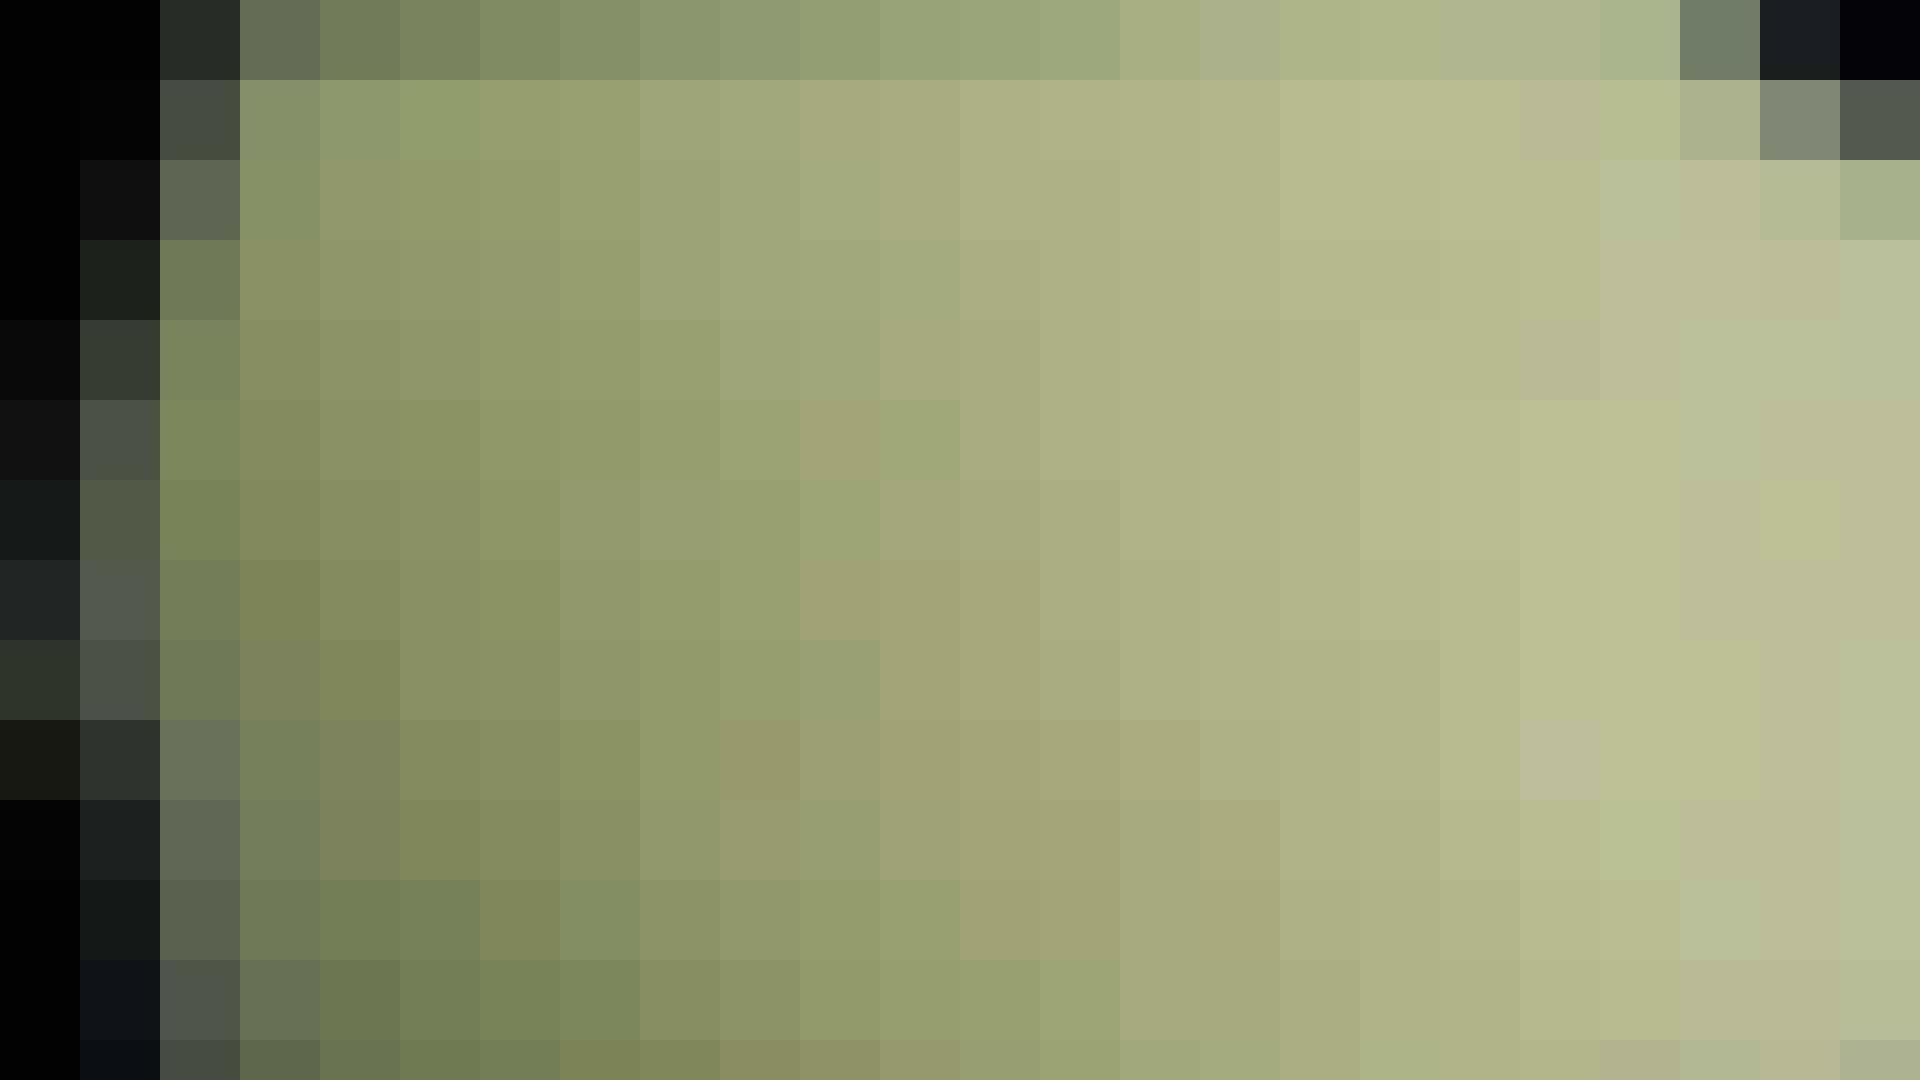 【美しき個室な世界】 vol.017 (゜∀゜) 洗面所のぞき おめこ無修正画像 108枚 38